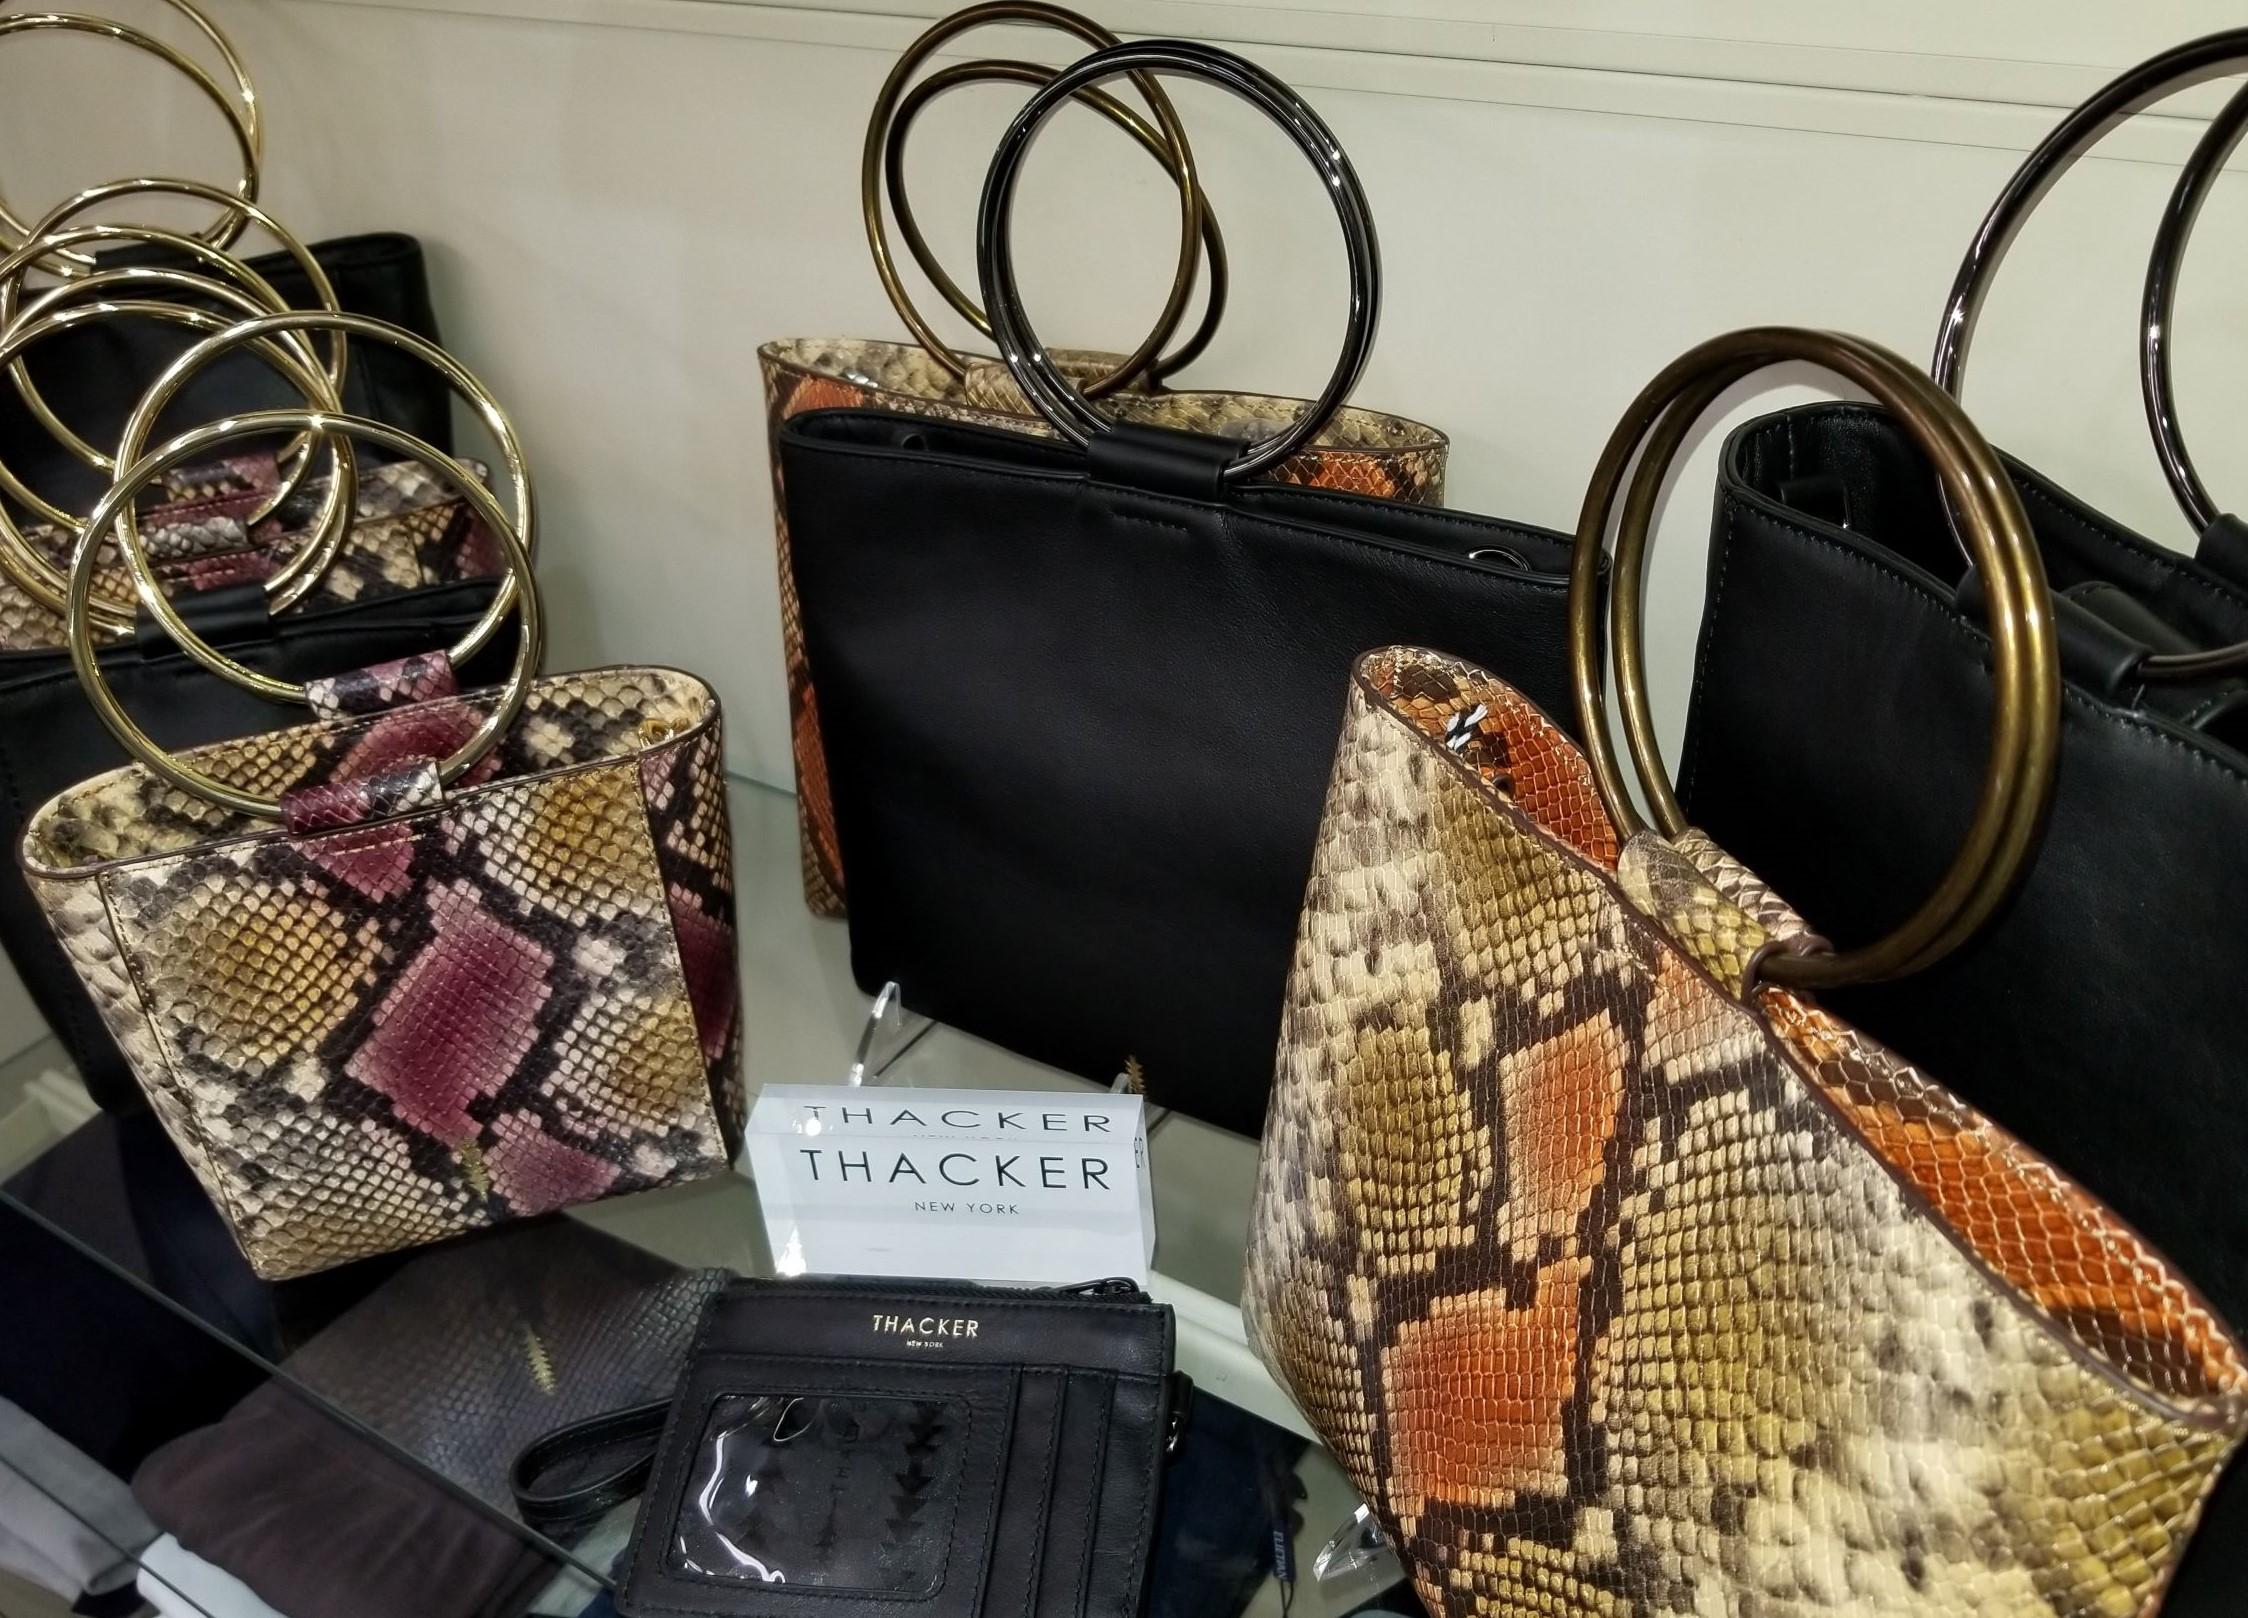 Thacker Handbags